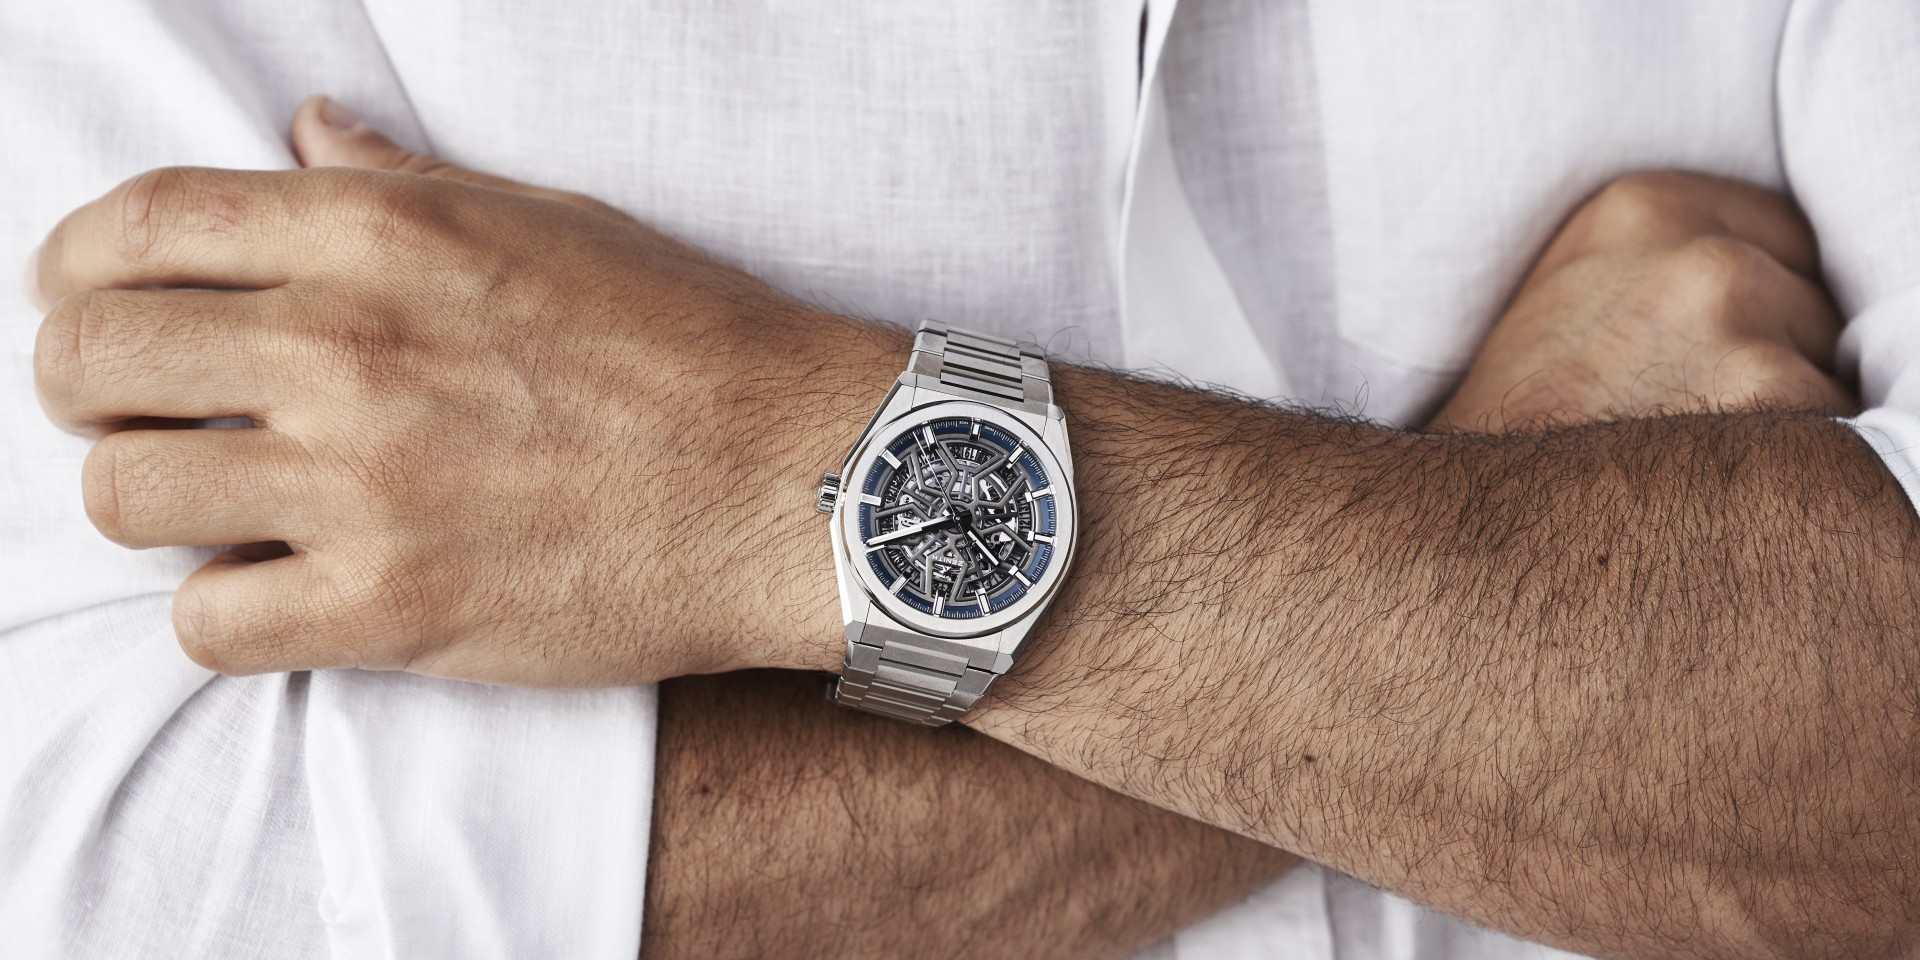 湛藍迎夏 ,「錶」露心機: 風格達人不可錯過的ZENITH夏日必備腕錶